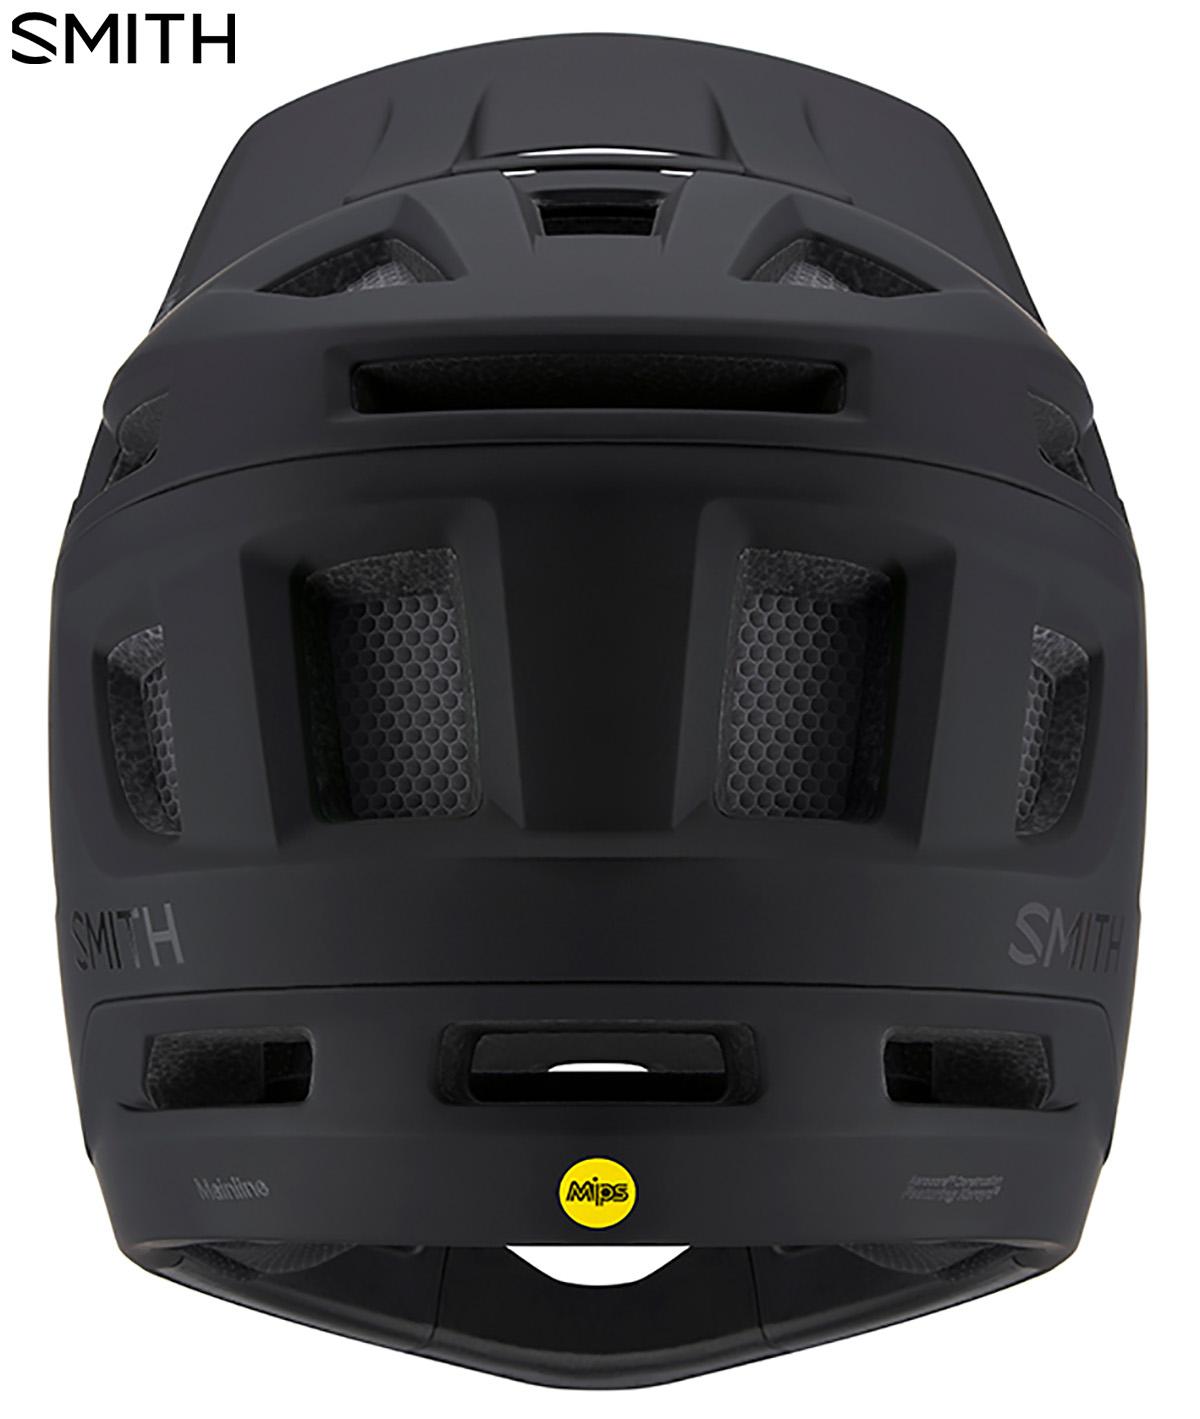 Visione posteriore del casco da mountainbike Smith Mainline 2020 con in vista il logo MIPS